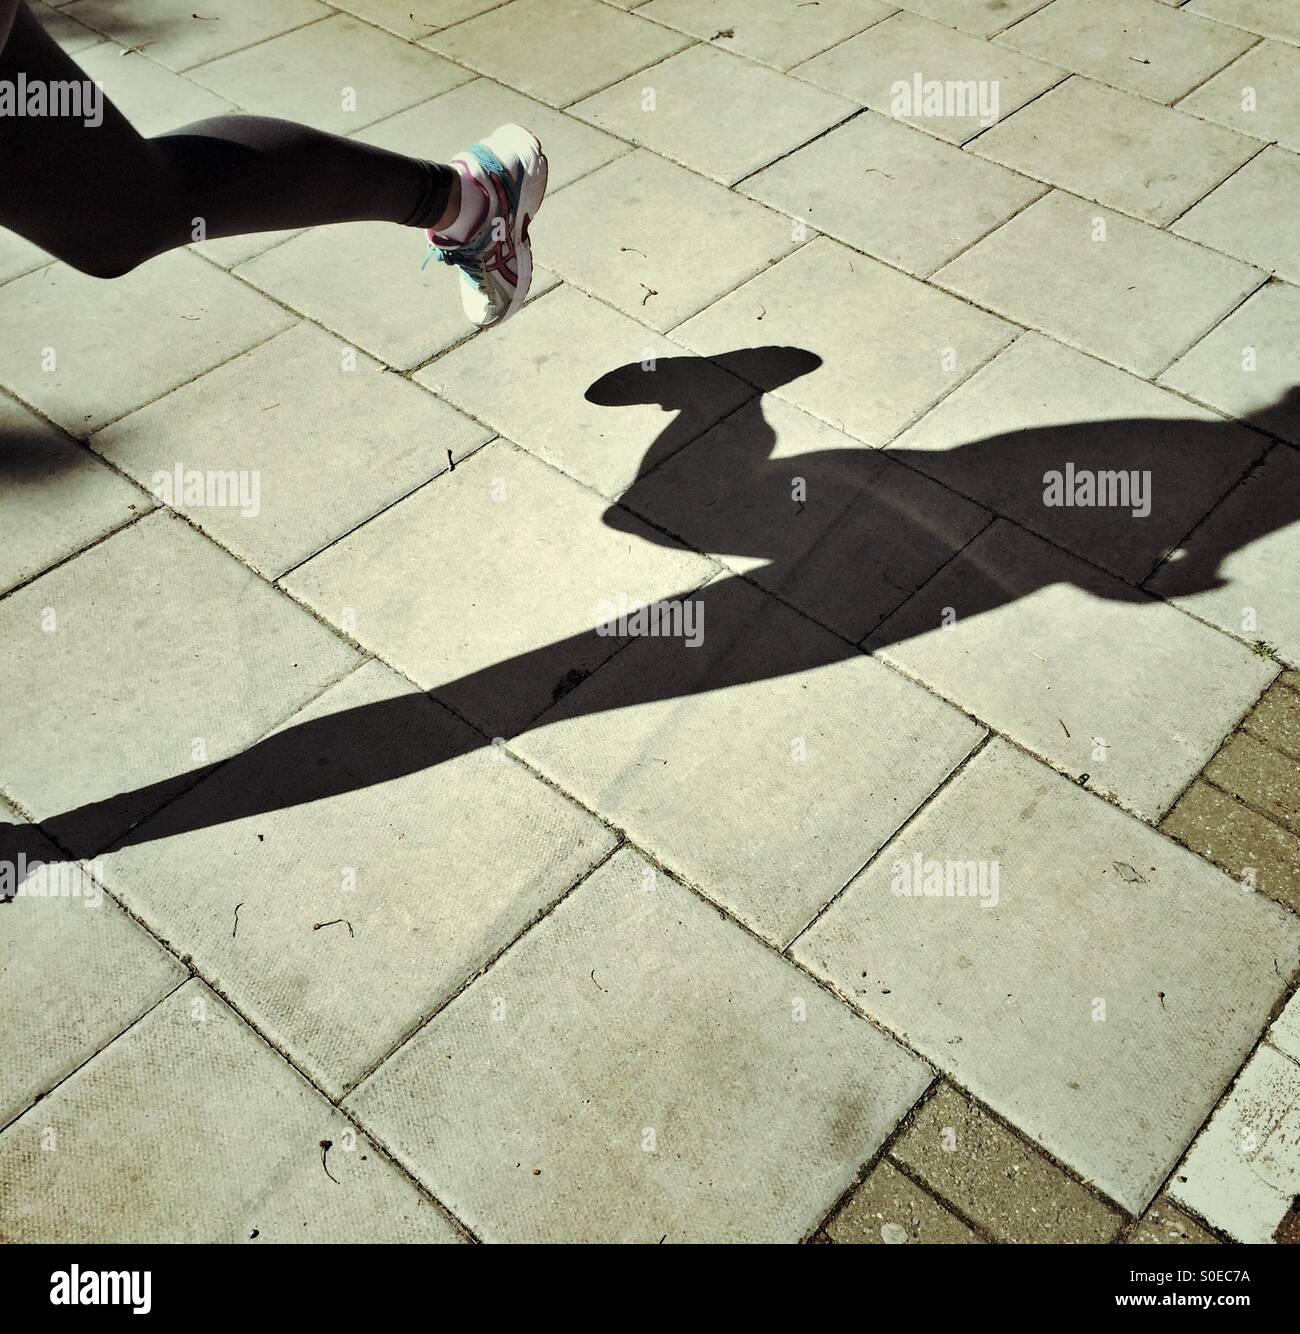 Ombre d'un athlète qui est en cours d'exécution Photo Stock